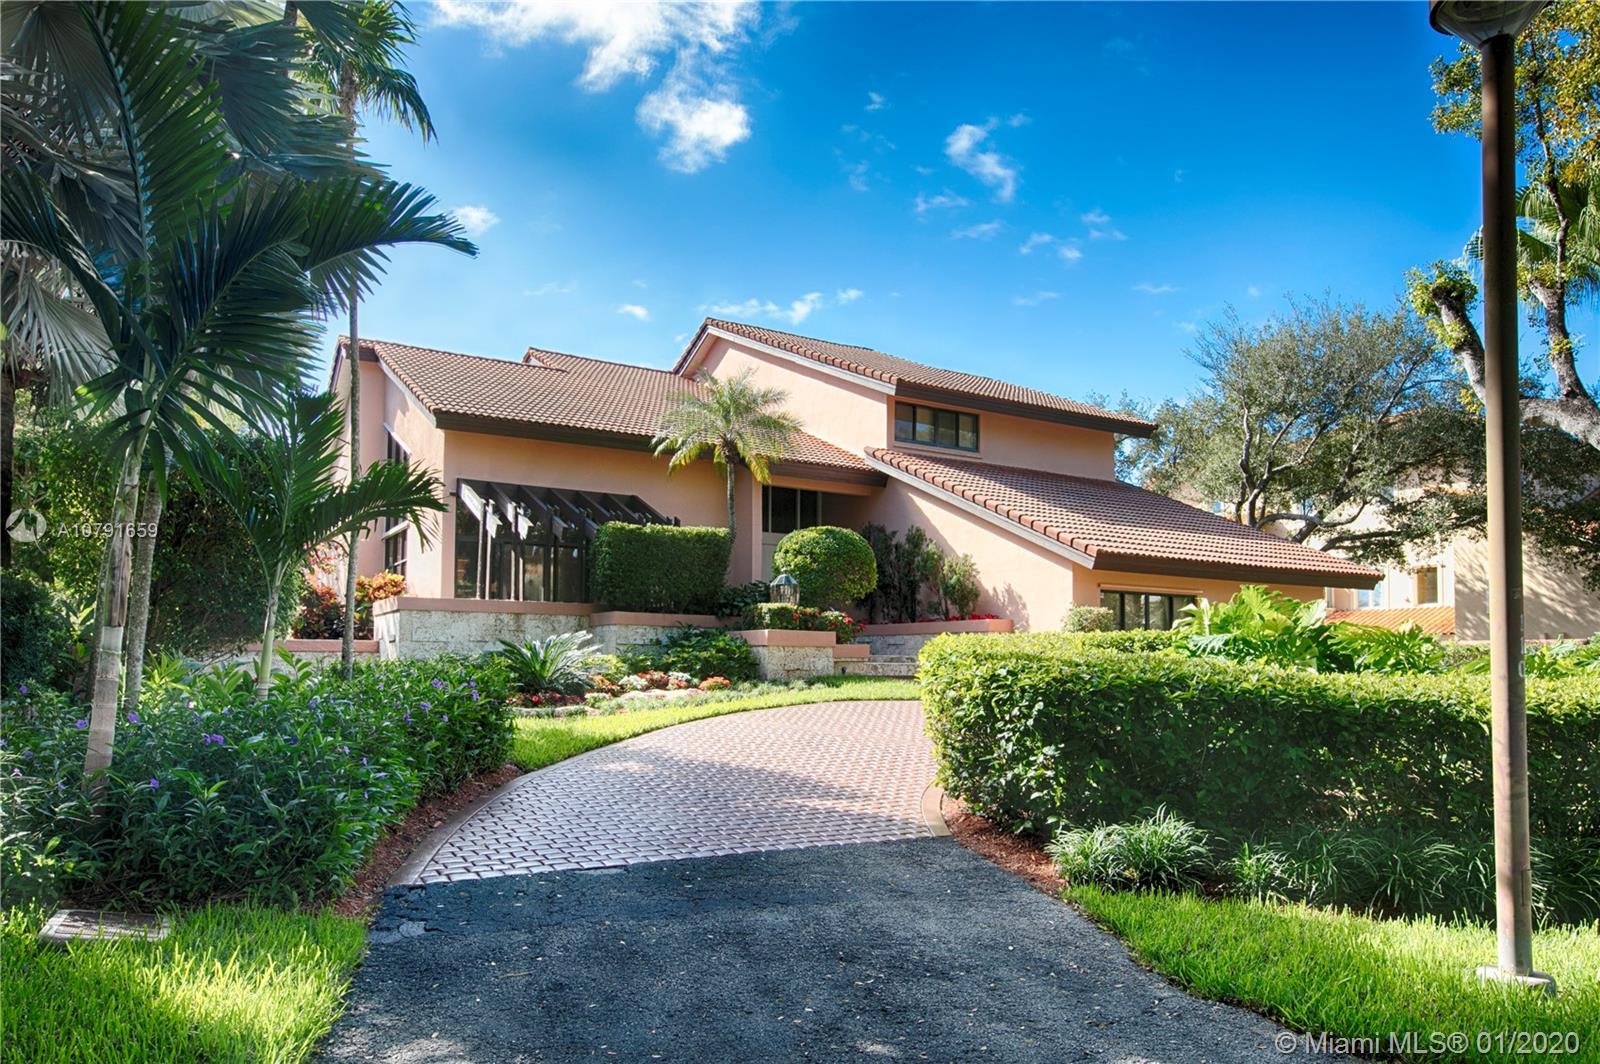 360 Costanera Rd, Coral Gables, Florida